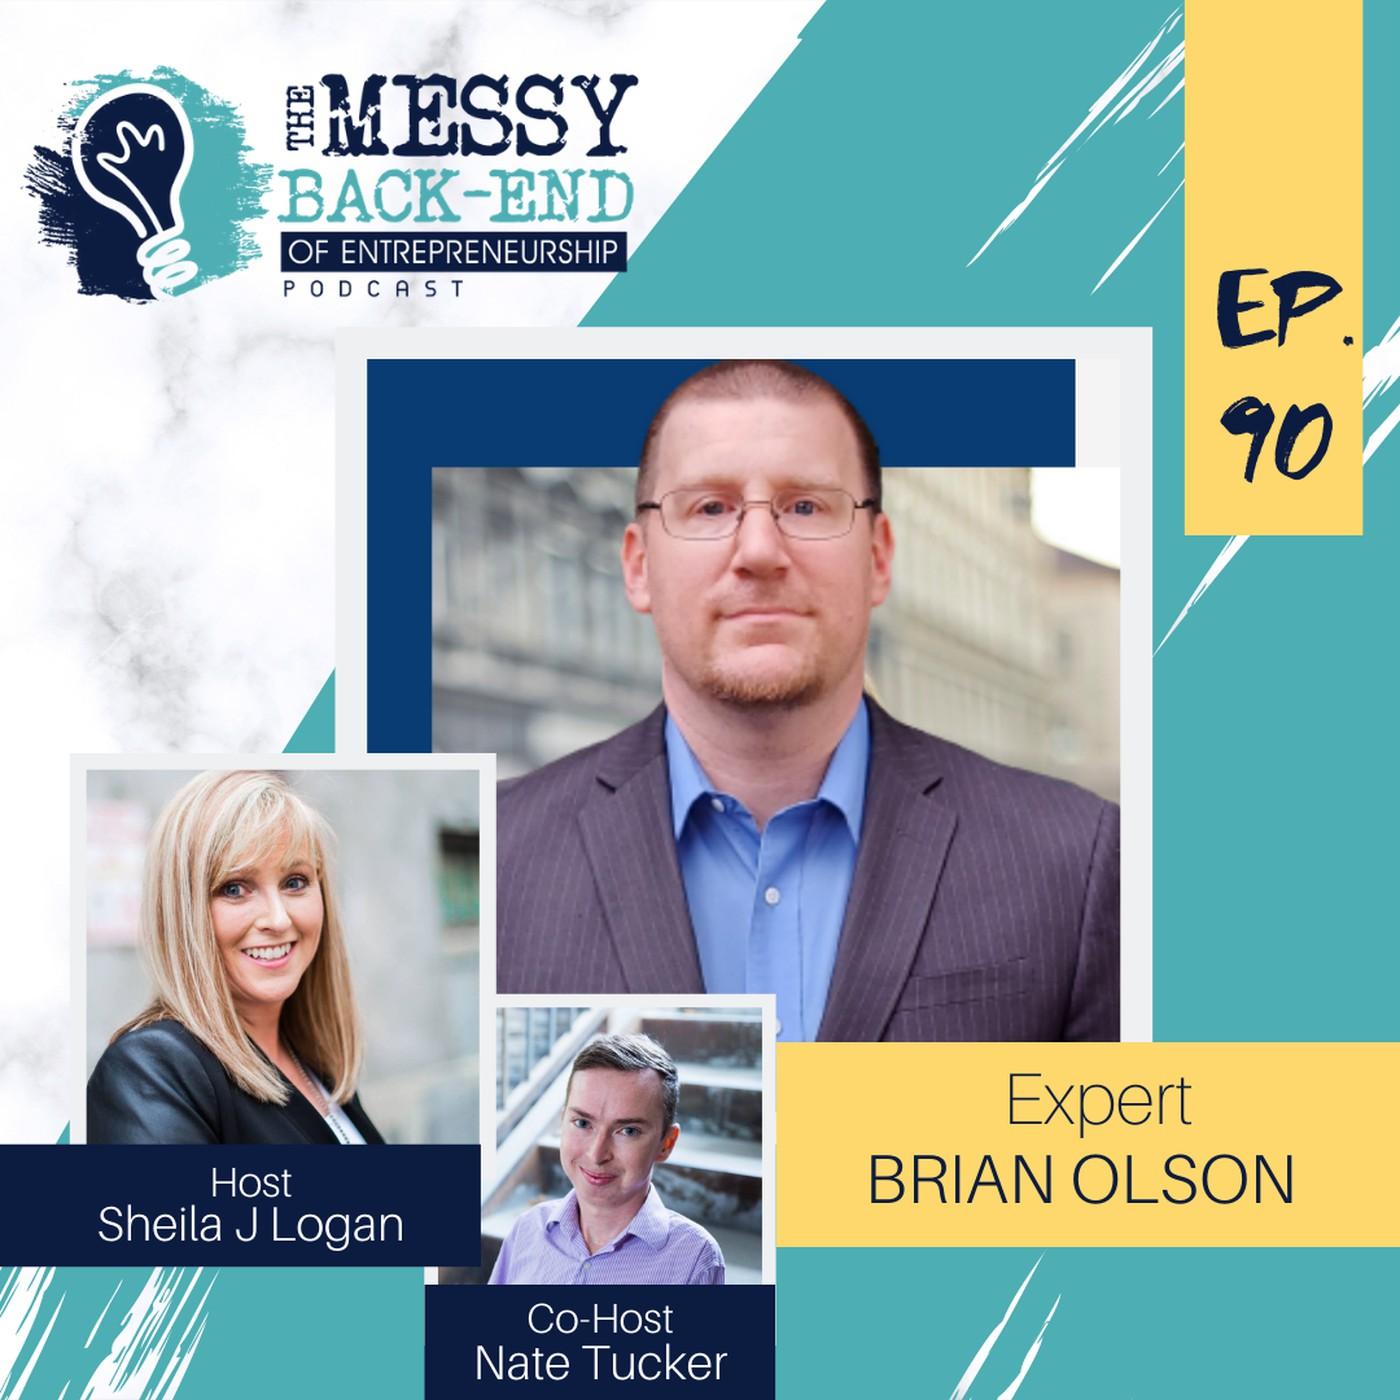 The Messy Back-End of Entrepreneurship